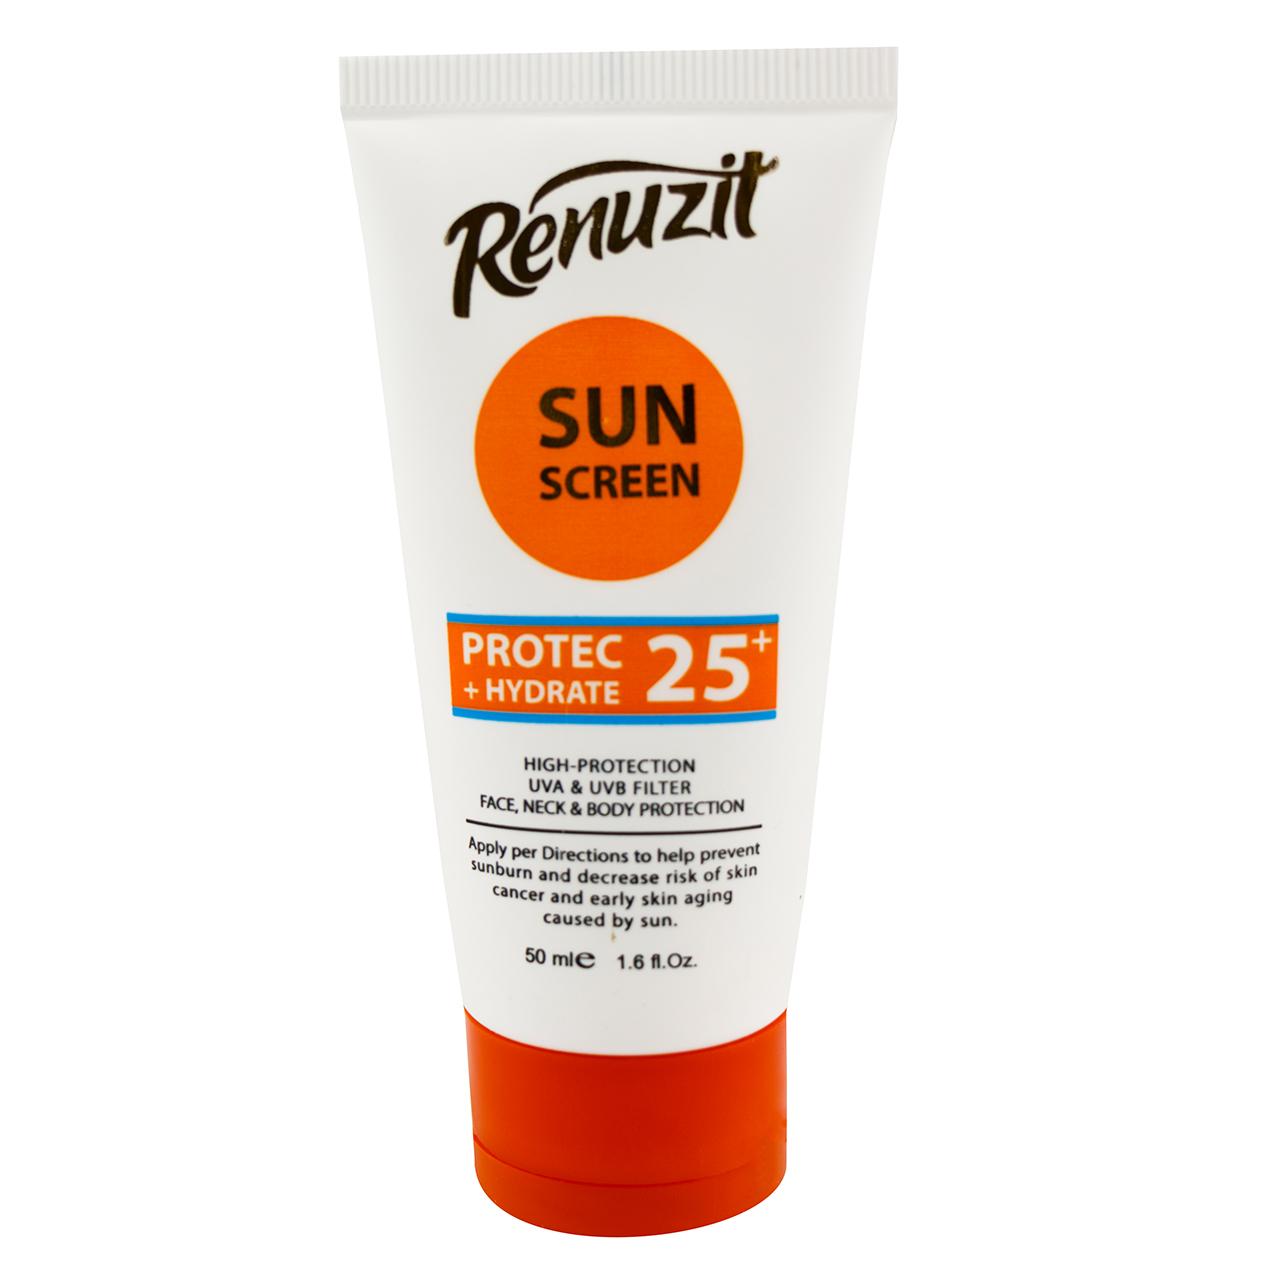 کرم ضد آفتاب رینوزیت مدل BE25 حجم 50 میلی لیتر